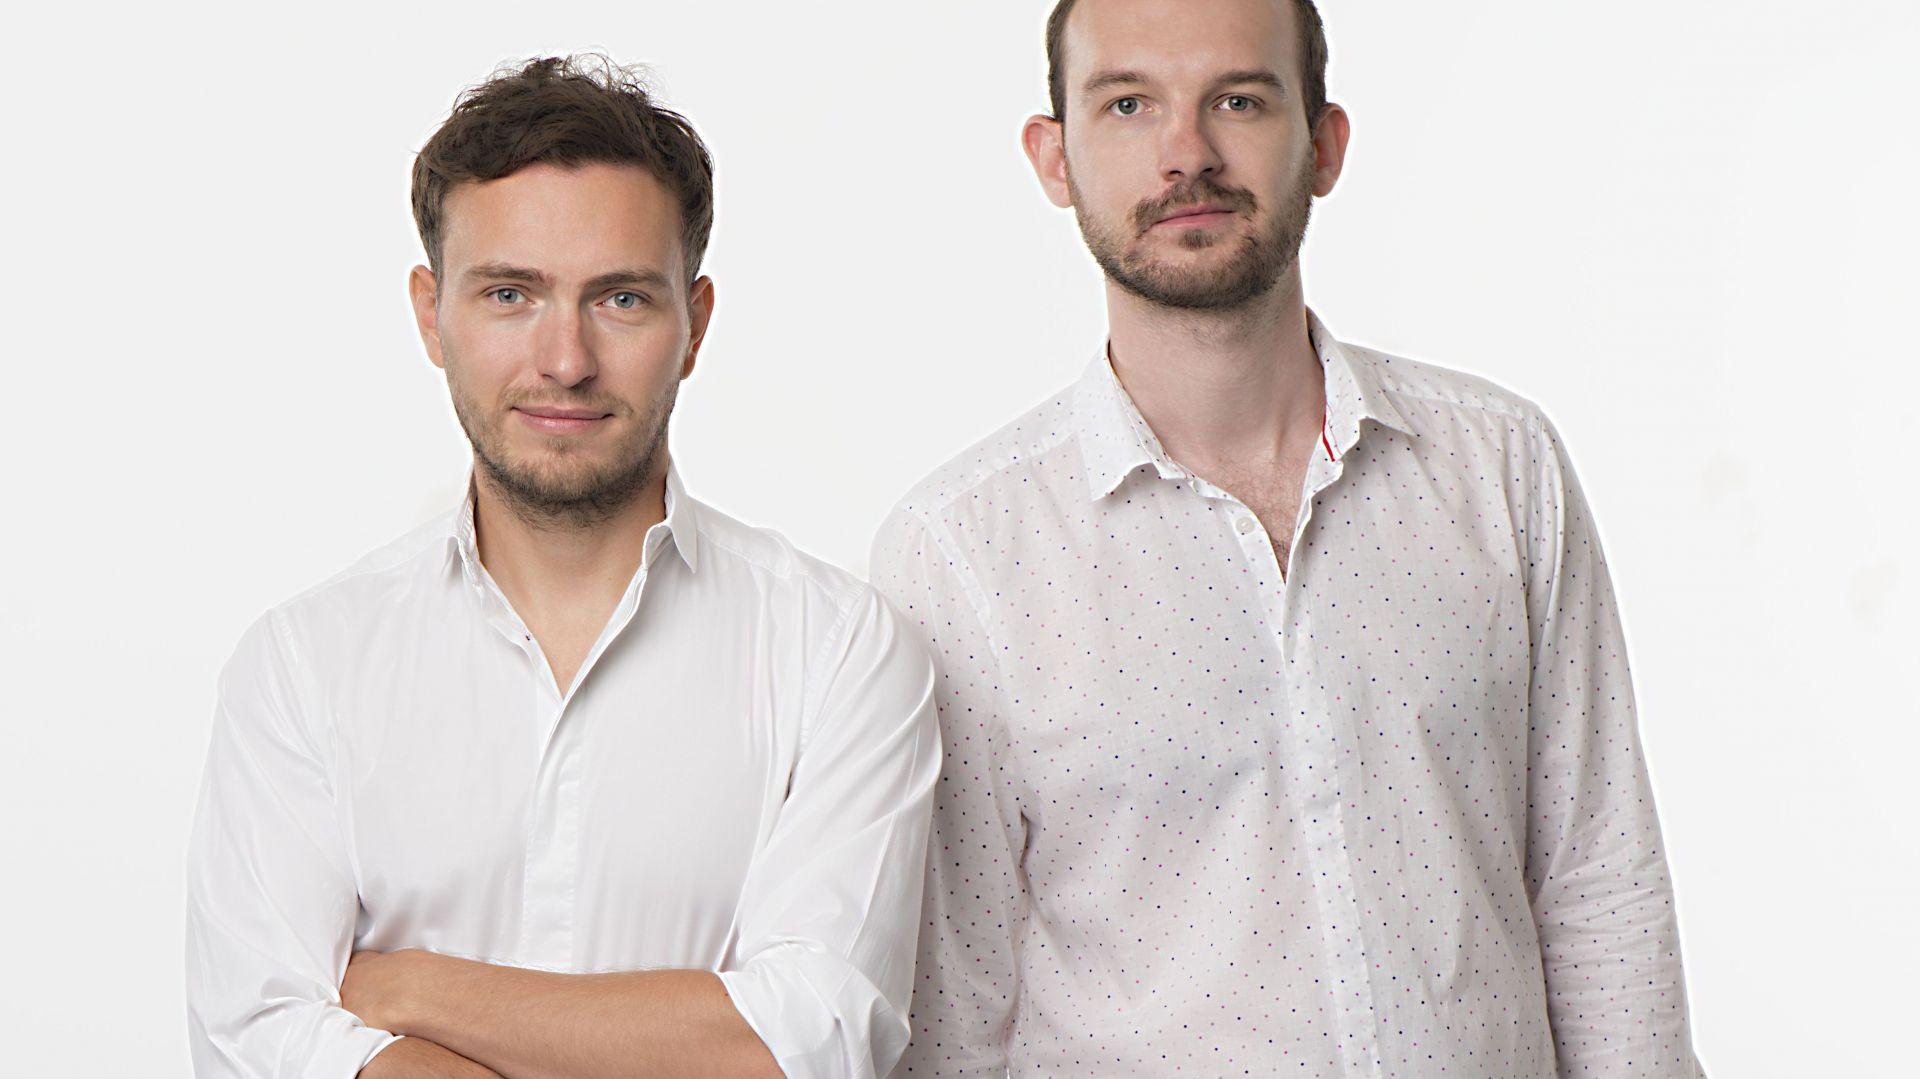 Bartłomiej Pawlak (po prawej)  od 2014 r. prowadzi wraz z Łukaszem Stawarskim studio projektowe Pawlak & Stawarski.